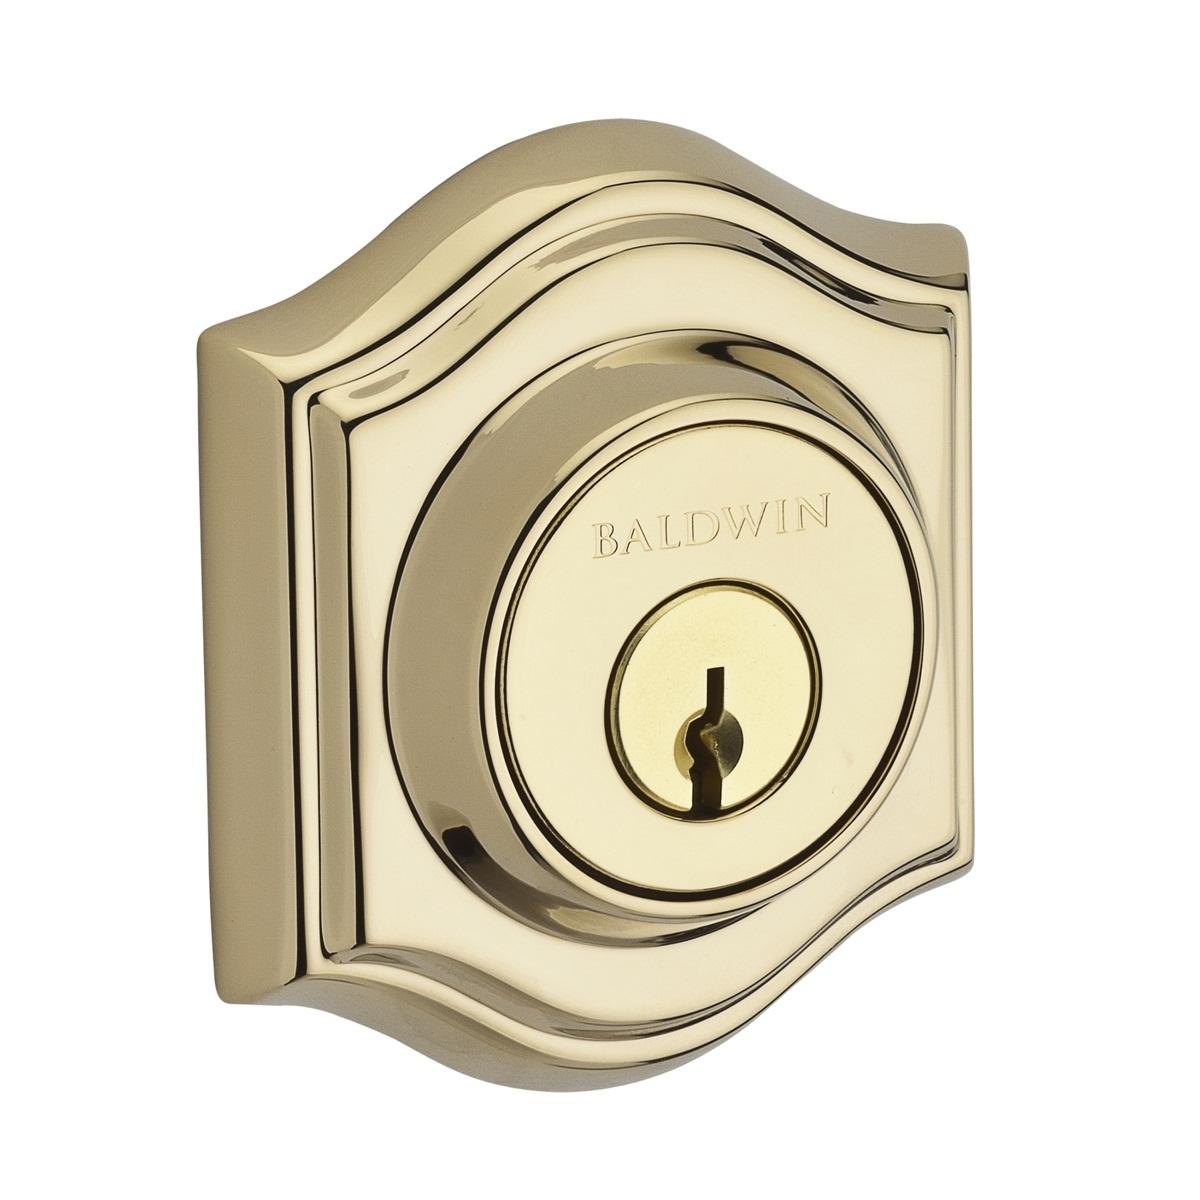 003 - Polished Brass Finish